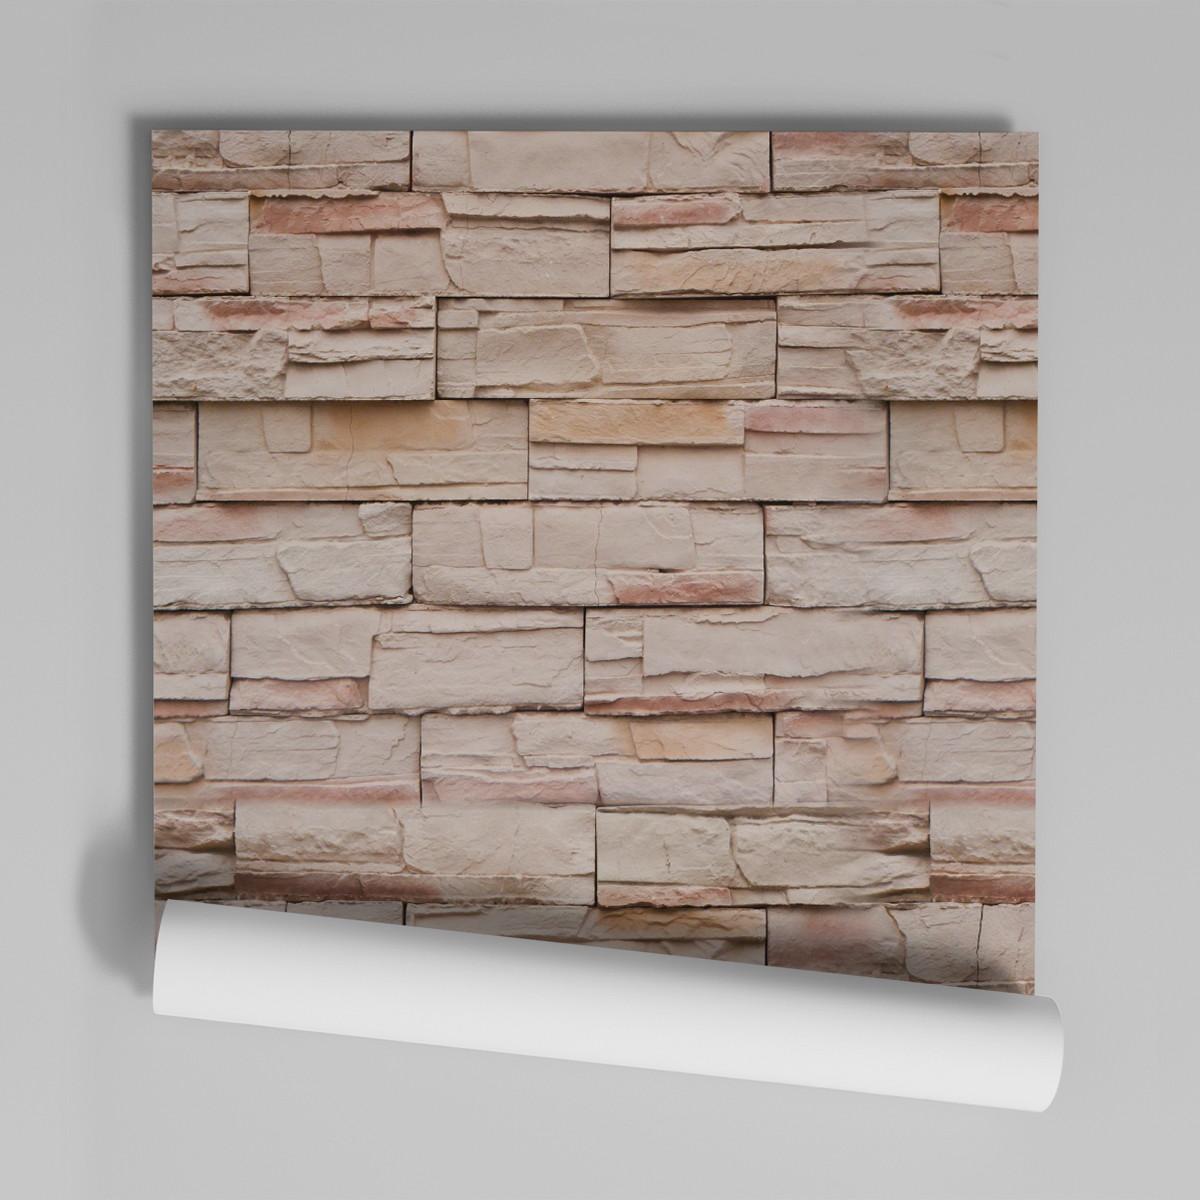 924183fd0d35 Zoom · Papel De Parede Adesivo Pedras Canjiquinha 1